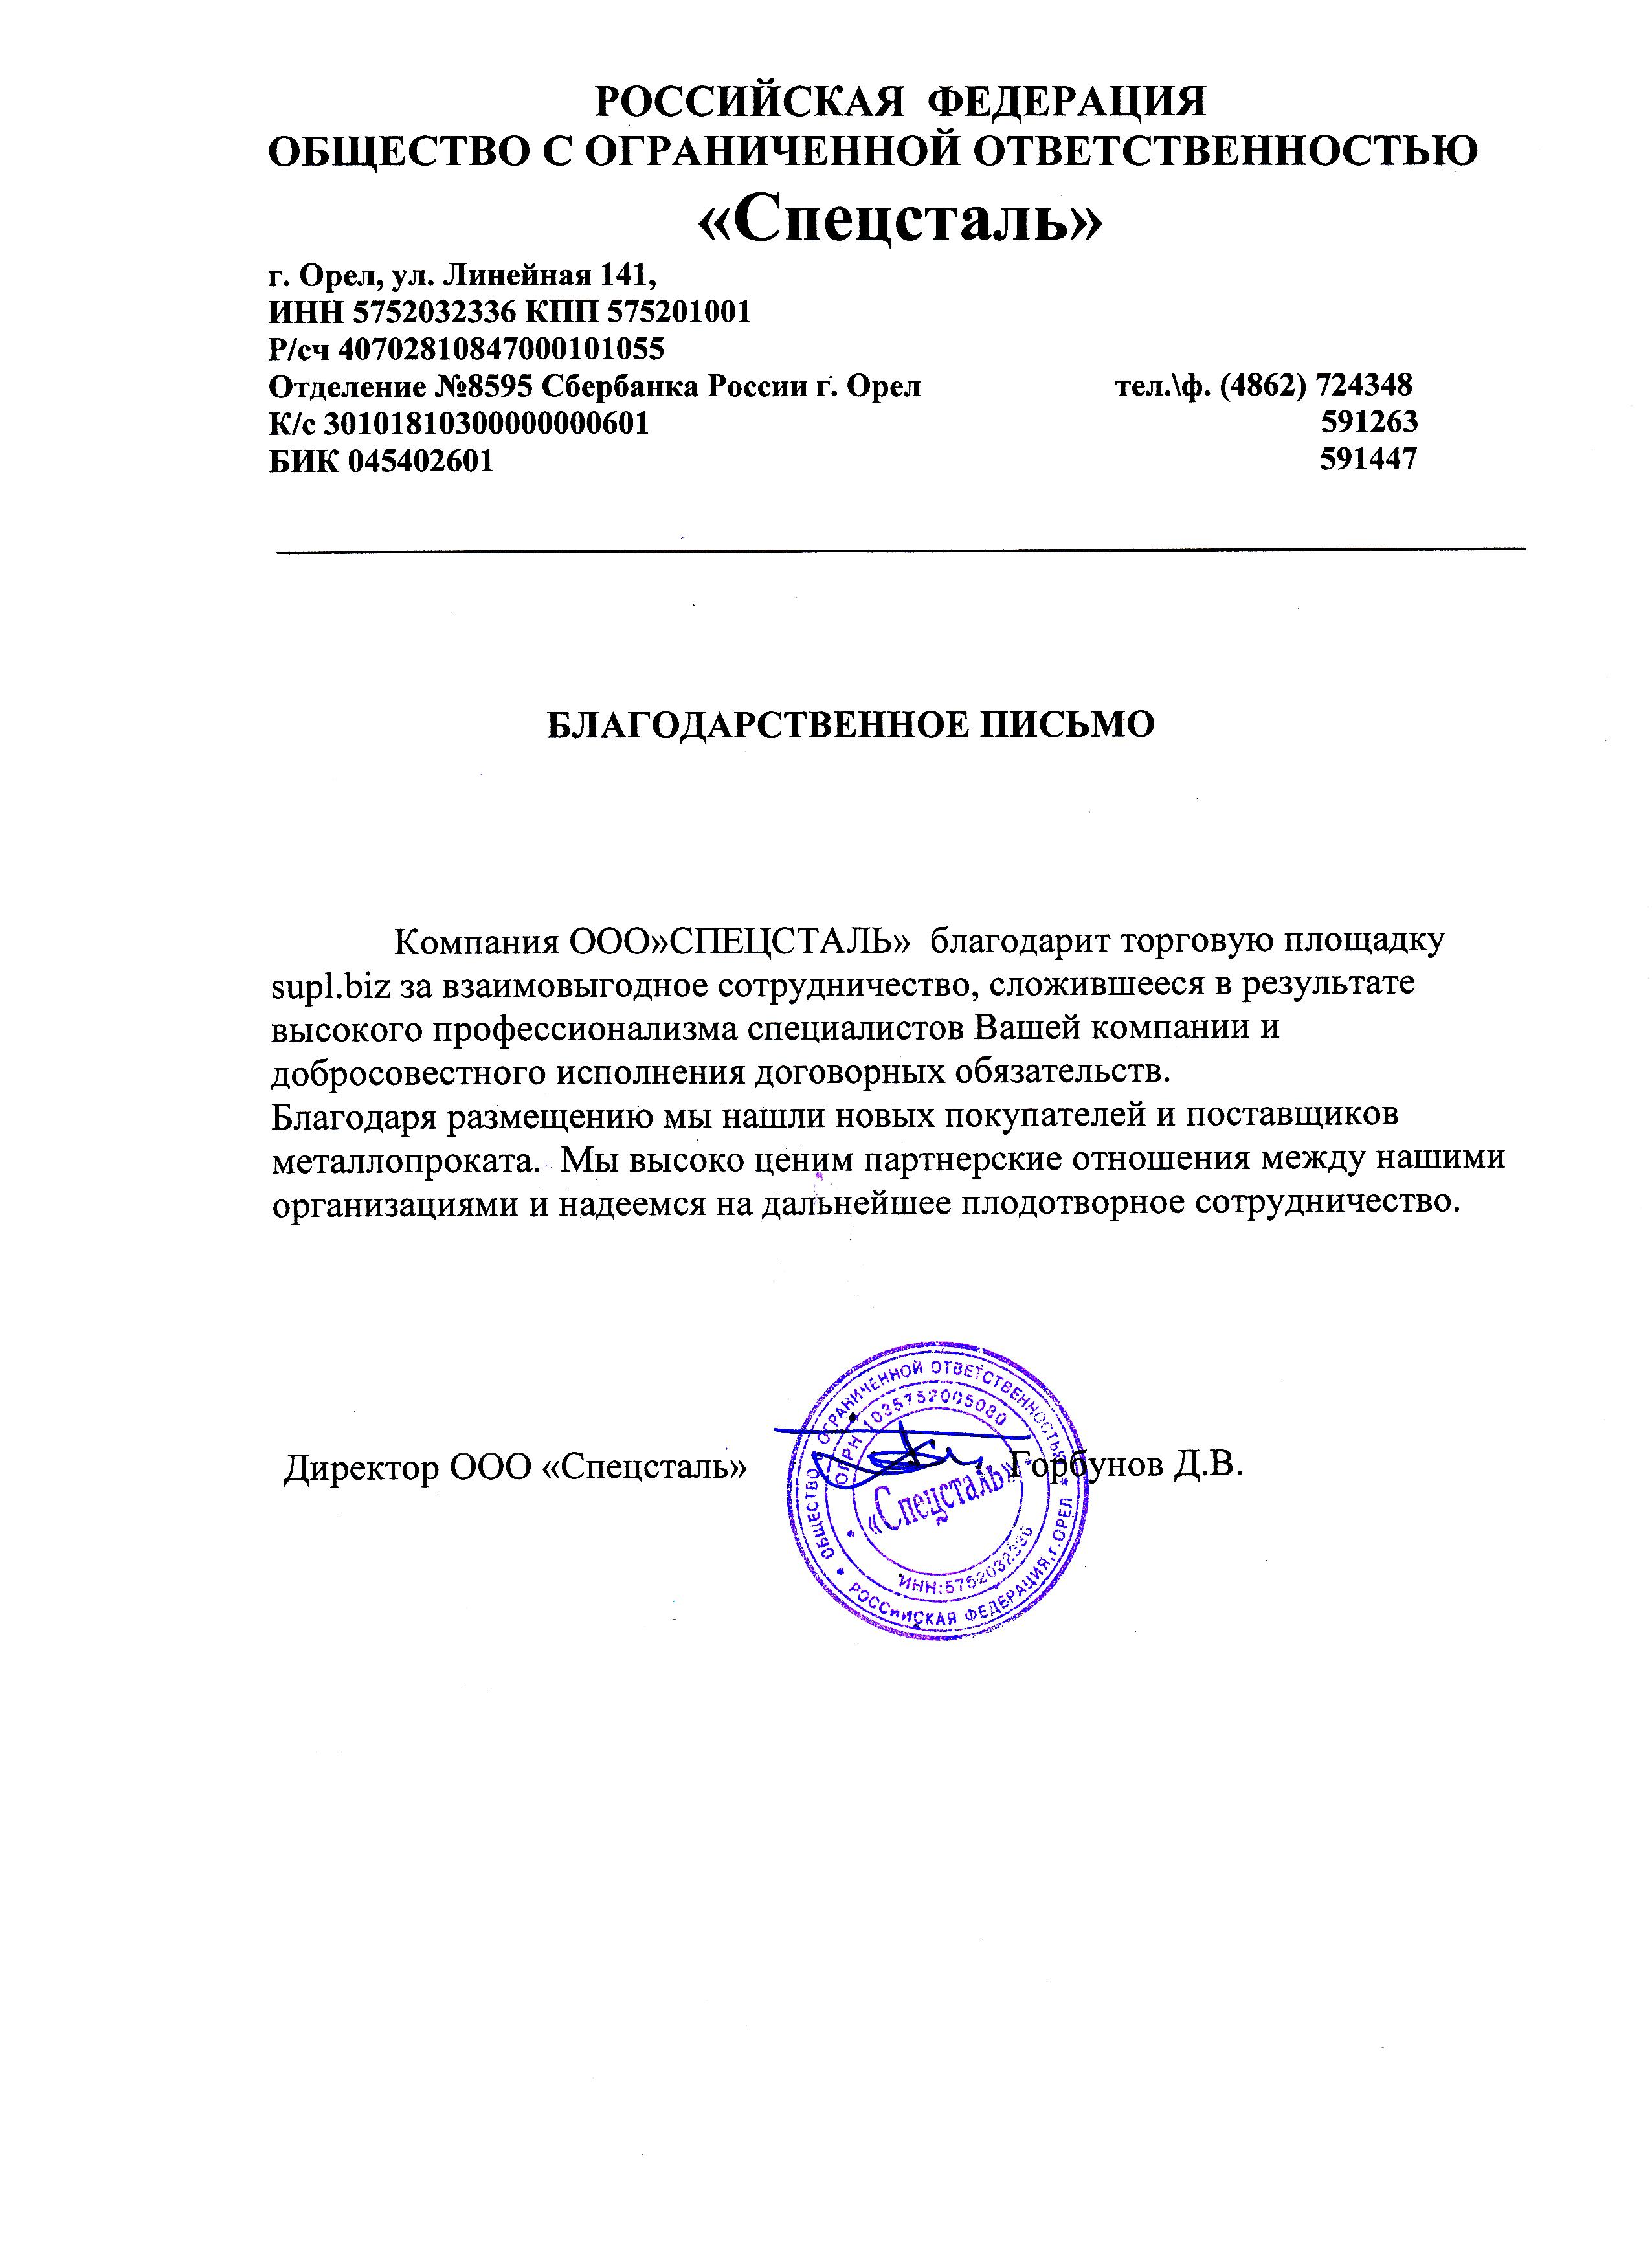 """ООО """"Спецсталь"""""""